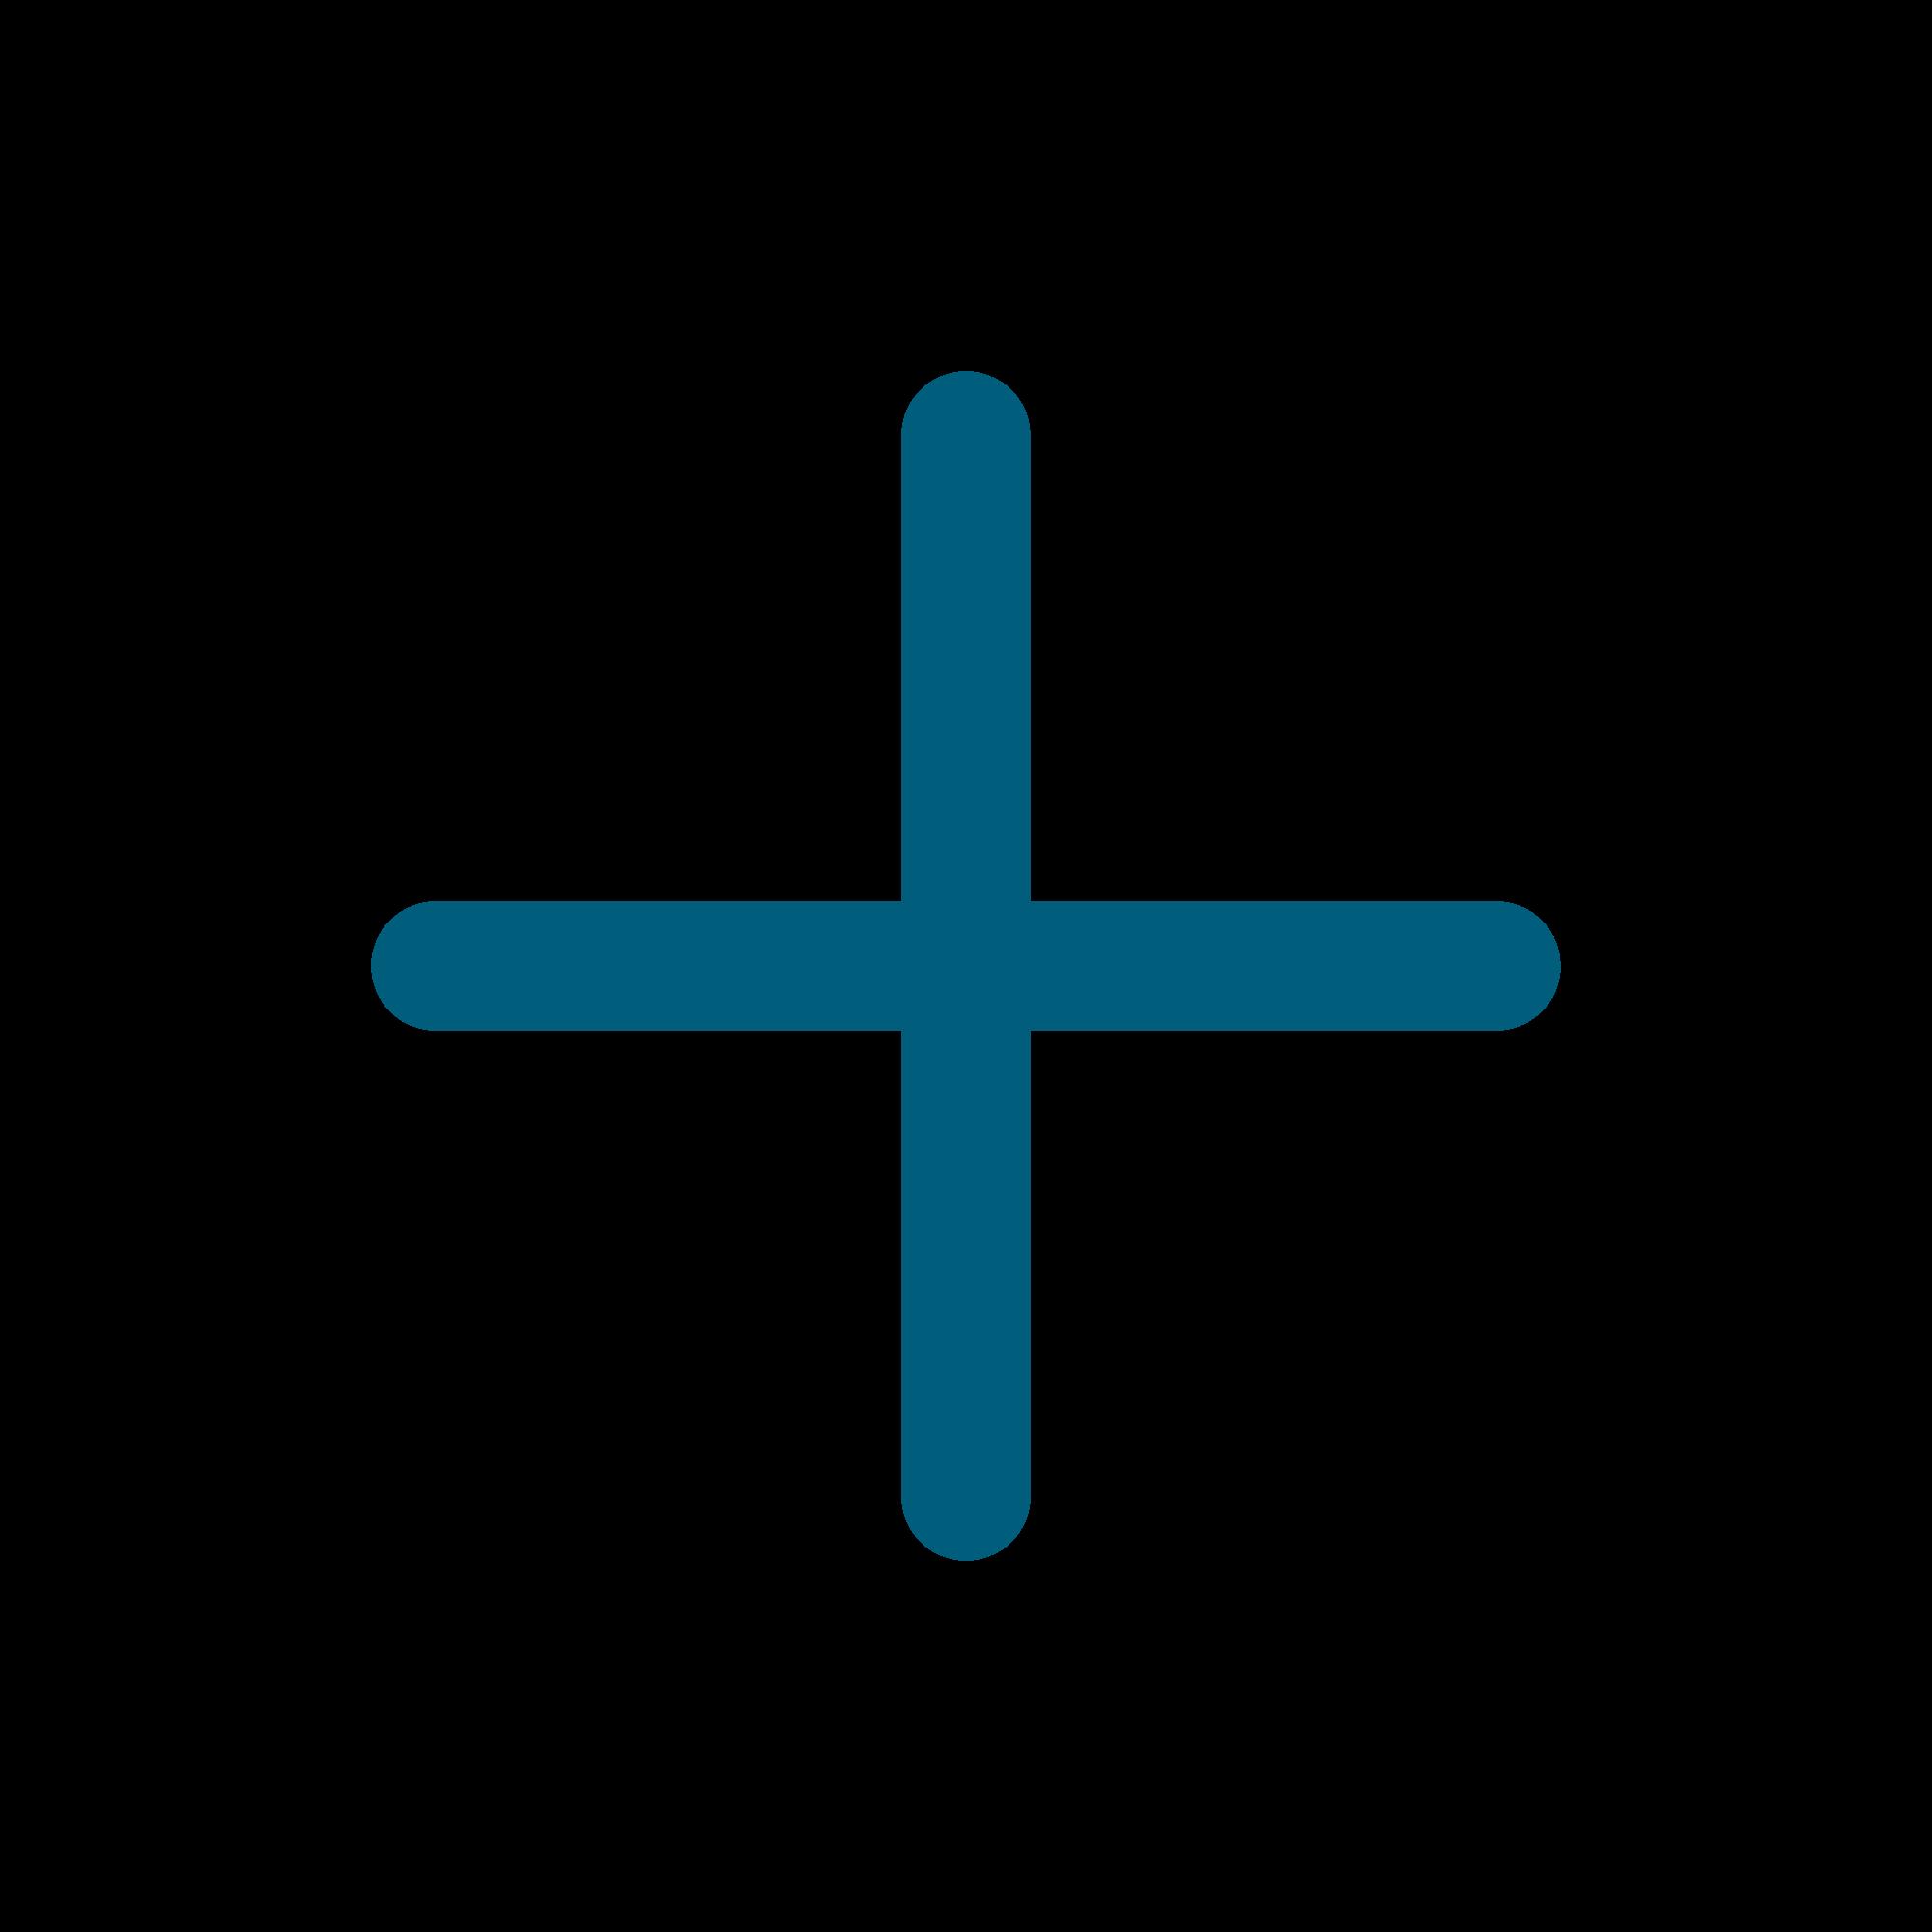 +-logo.png